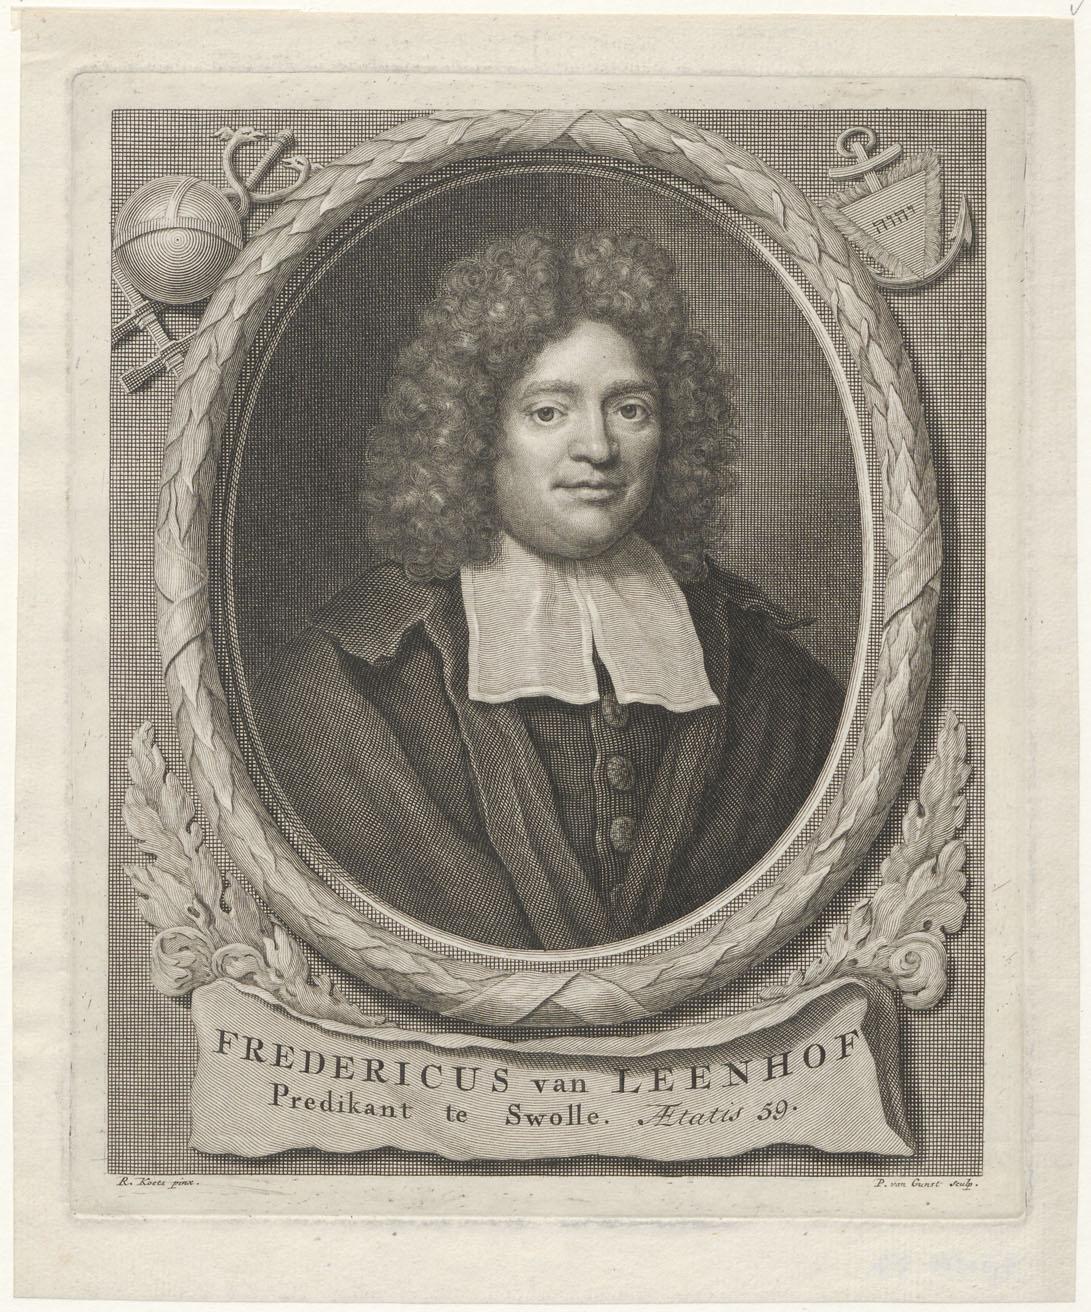 Portret van Fredericus van Leenhof (1647-1712), predikant te Zwolle